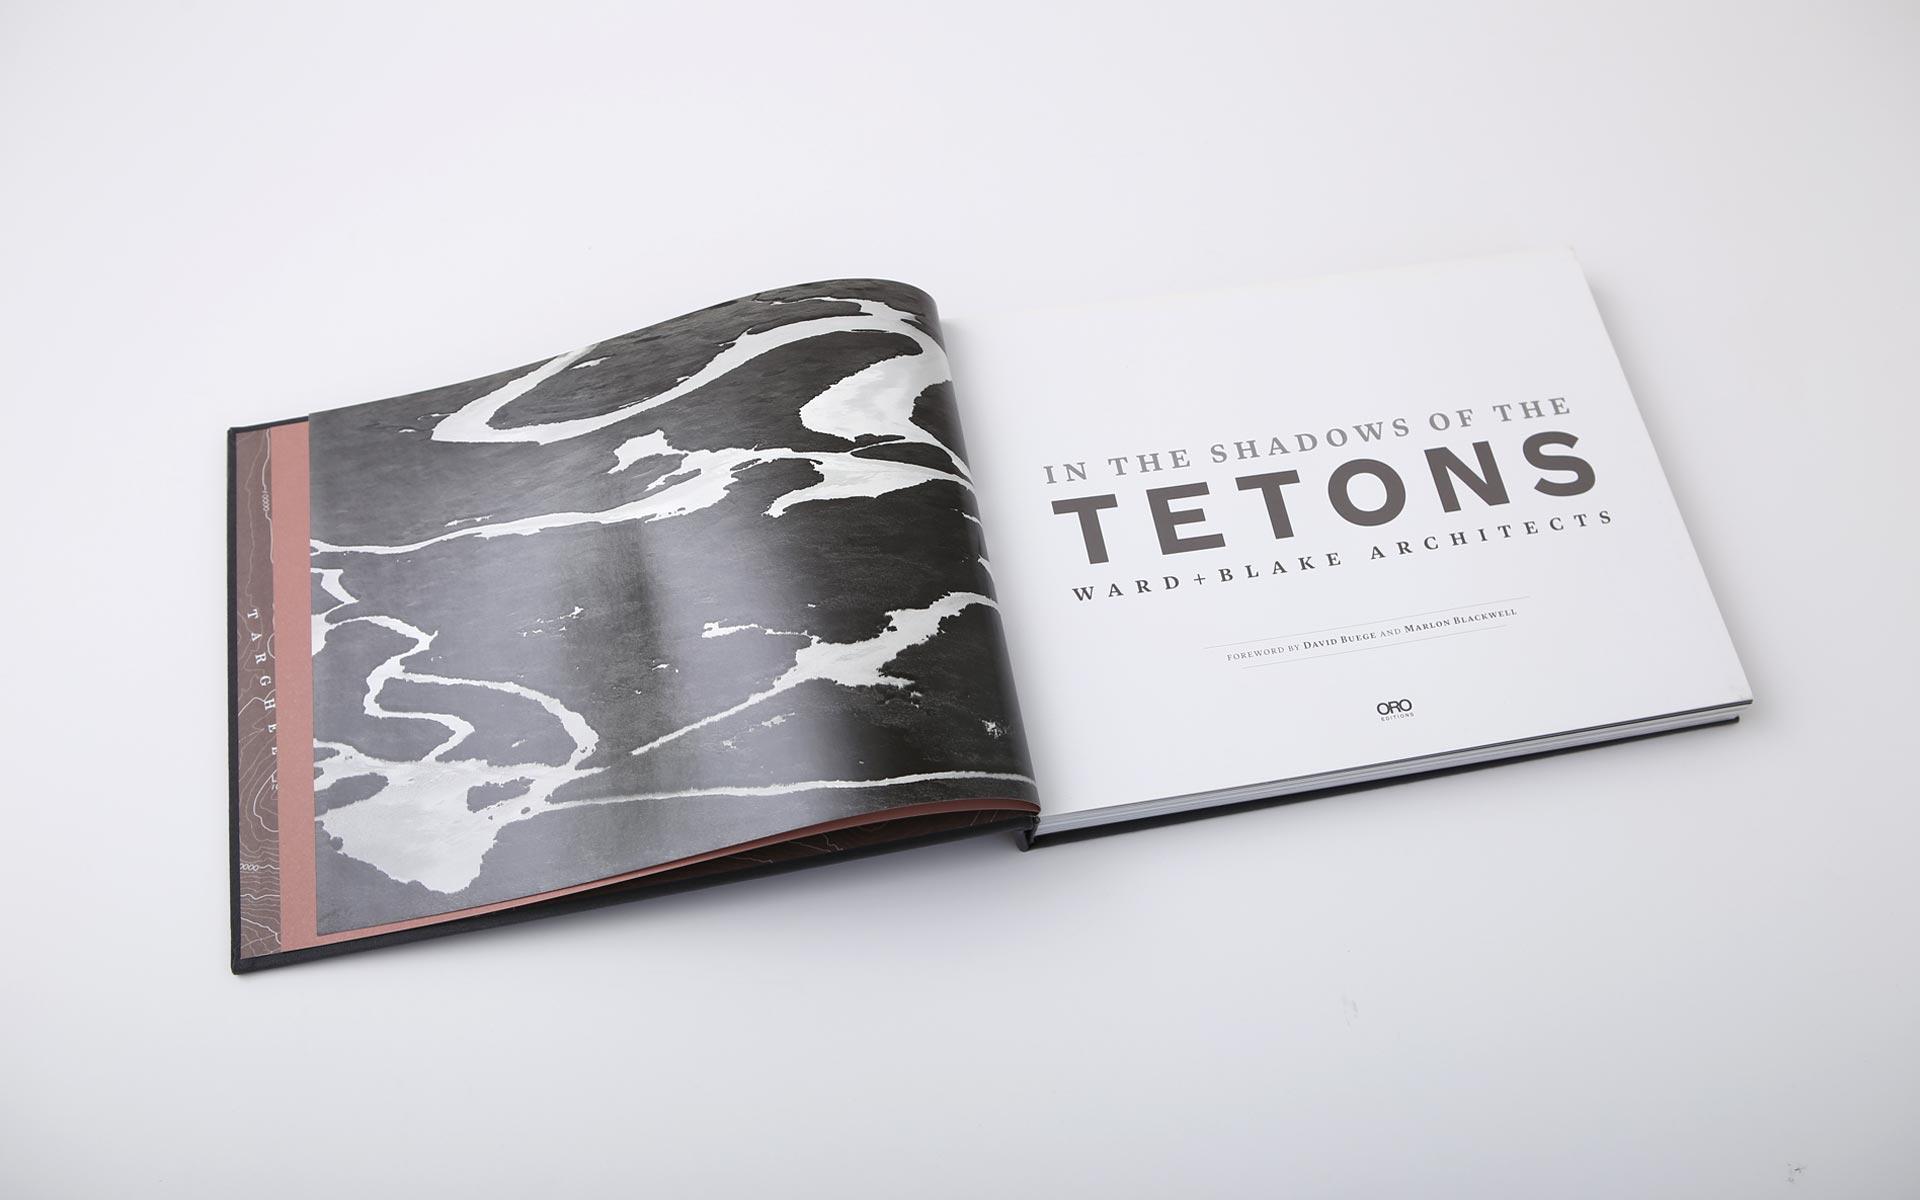 ward-blake-architects-book-design-9